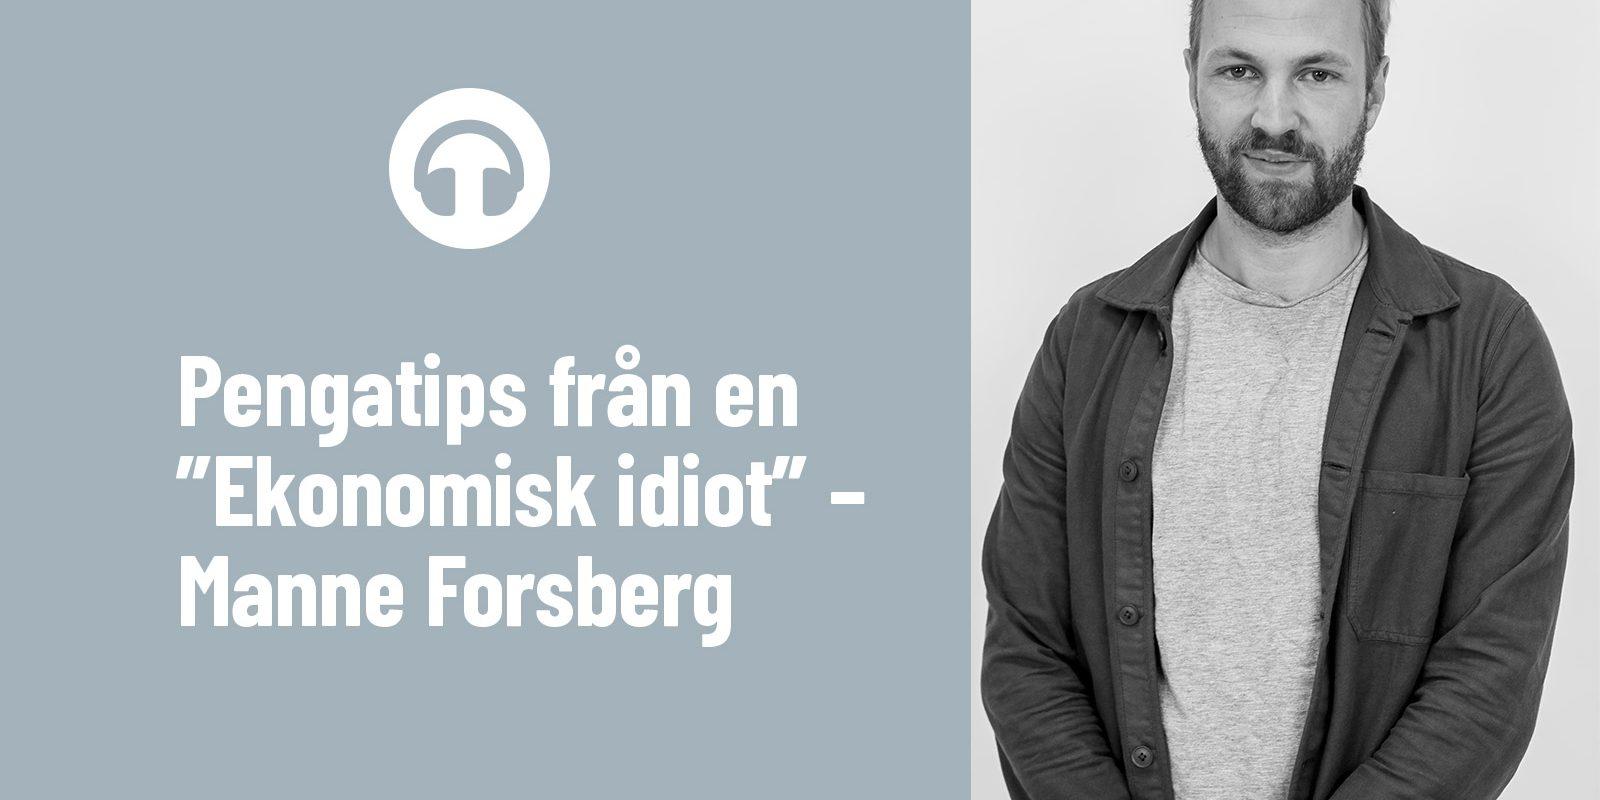 Manne Forsberg